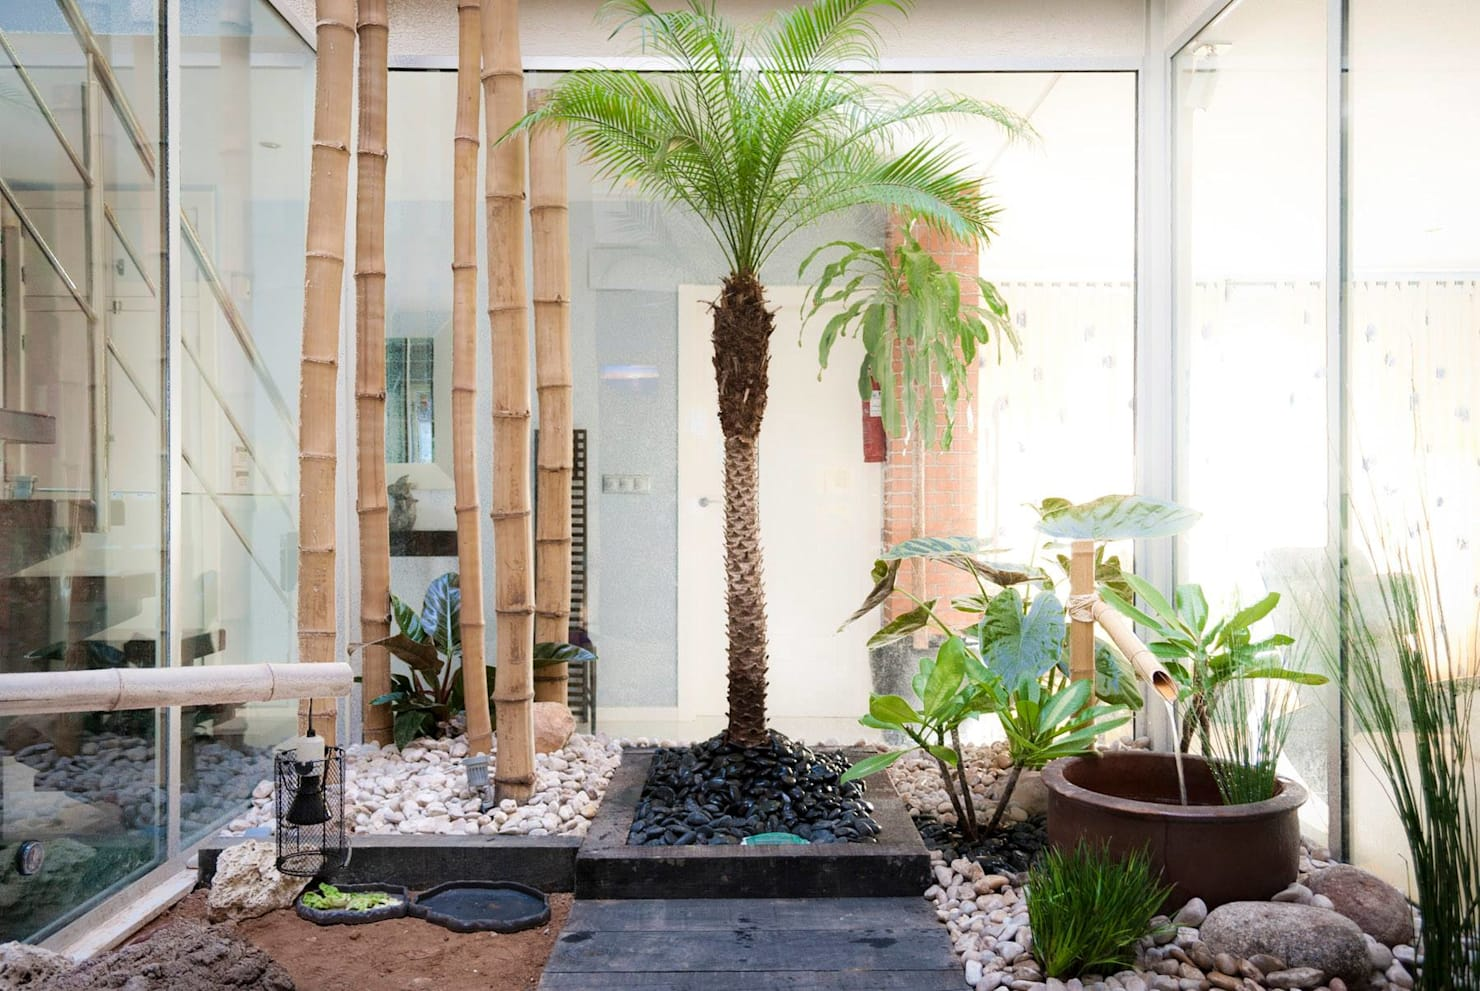 6 simple ways to build an indoor garden